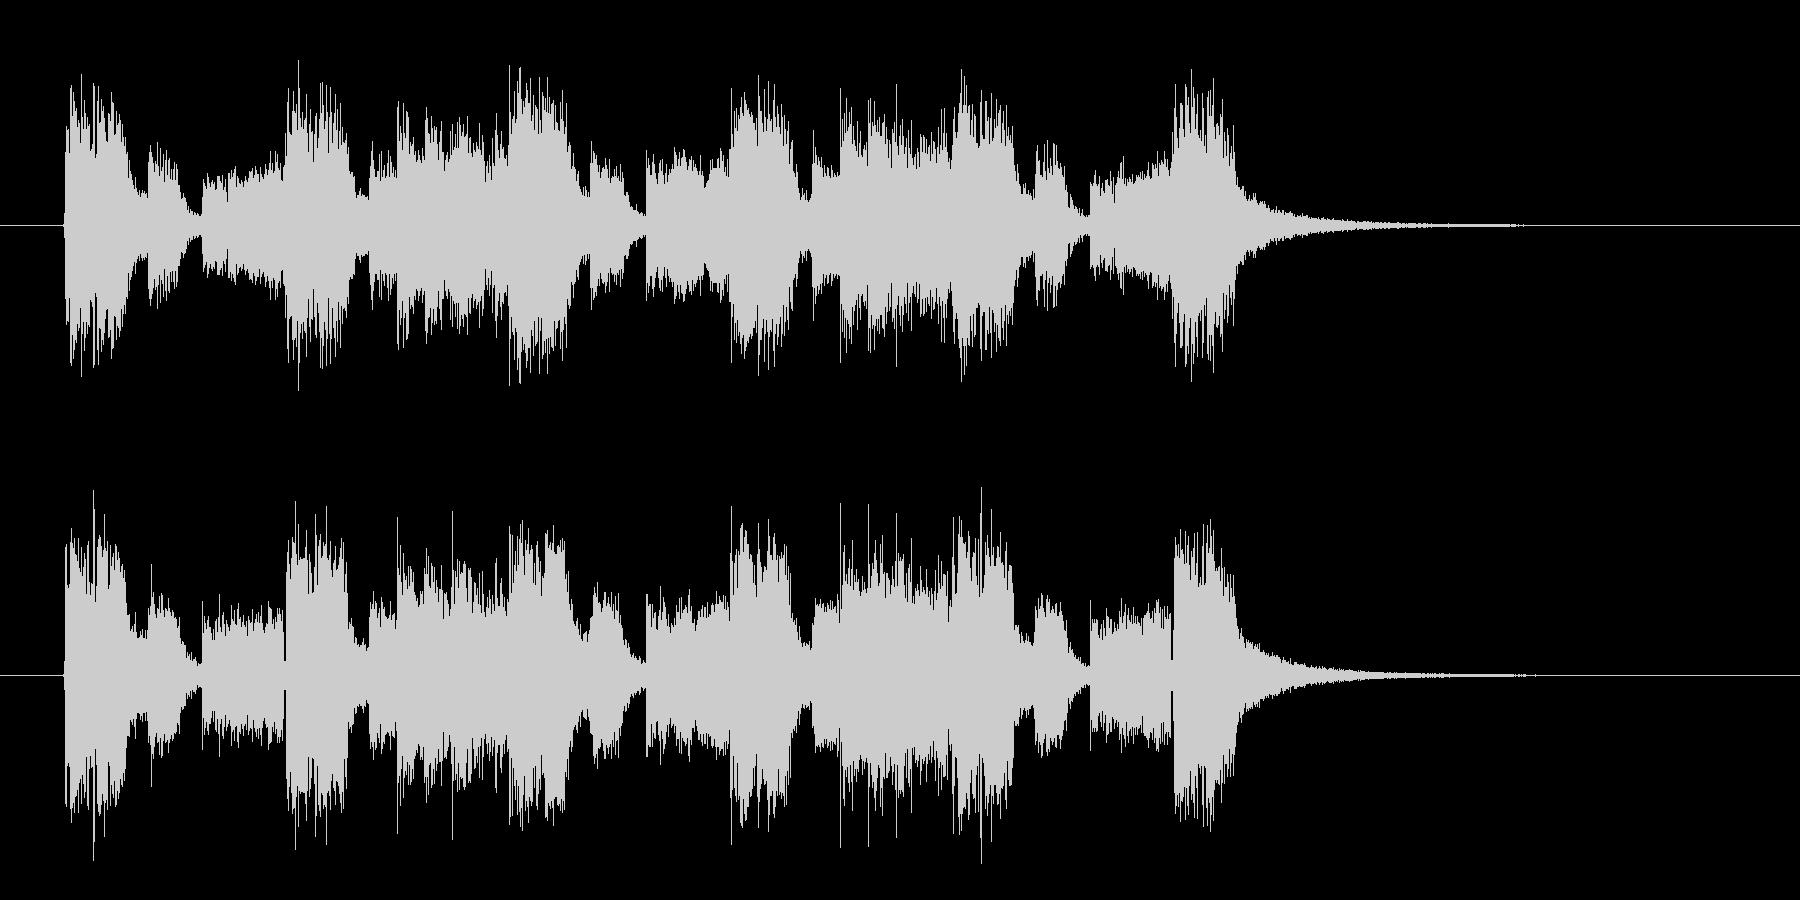 リズミカルな旋律が印象的なロックチューンの未再生の波形